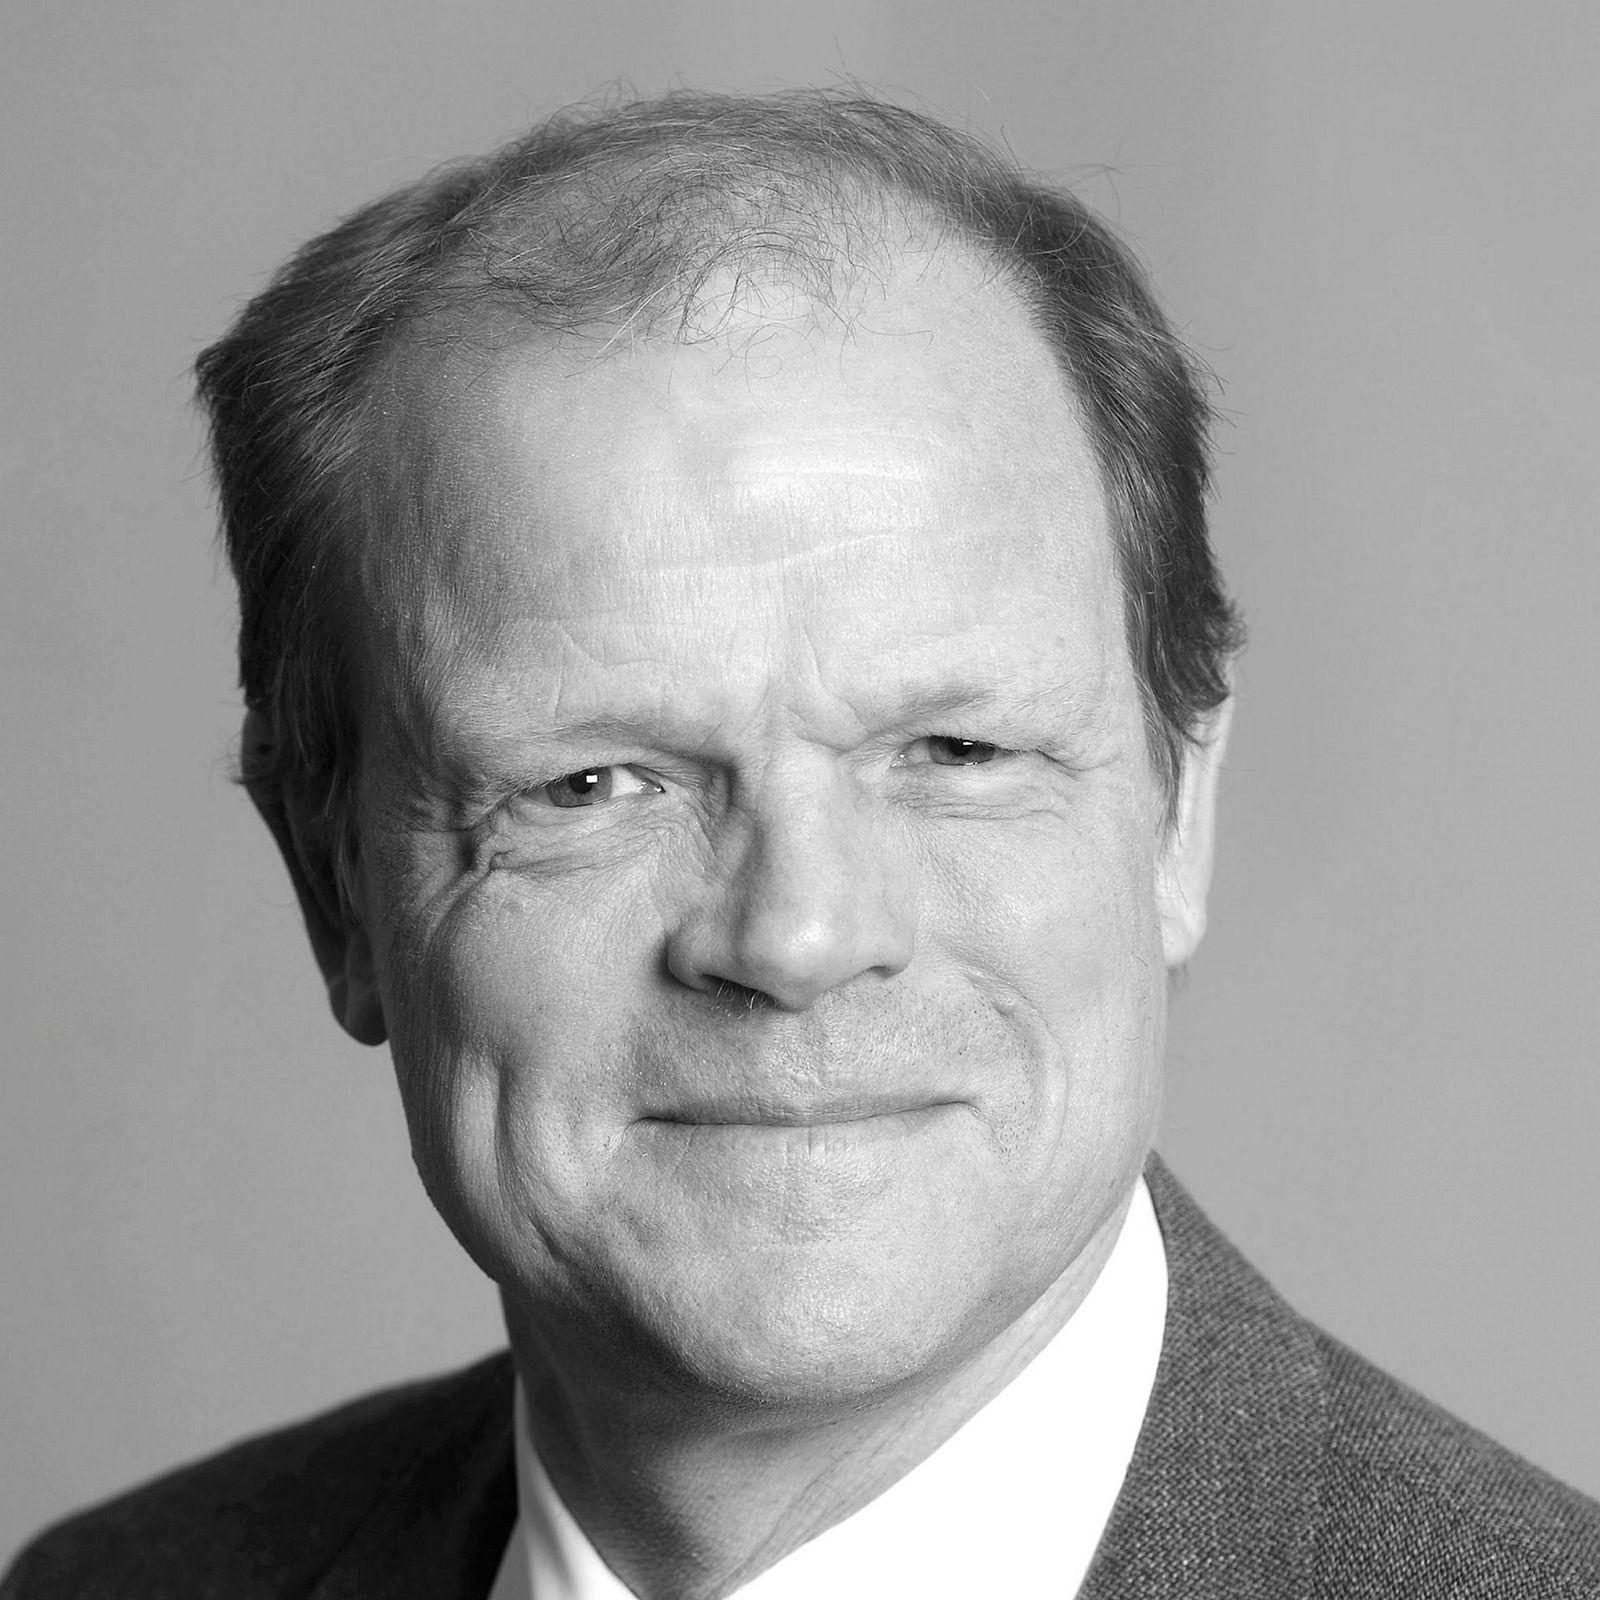 Gunnar S. Eskeland